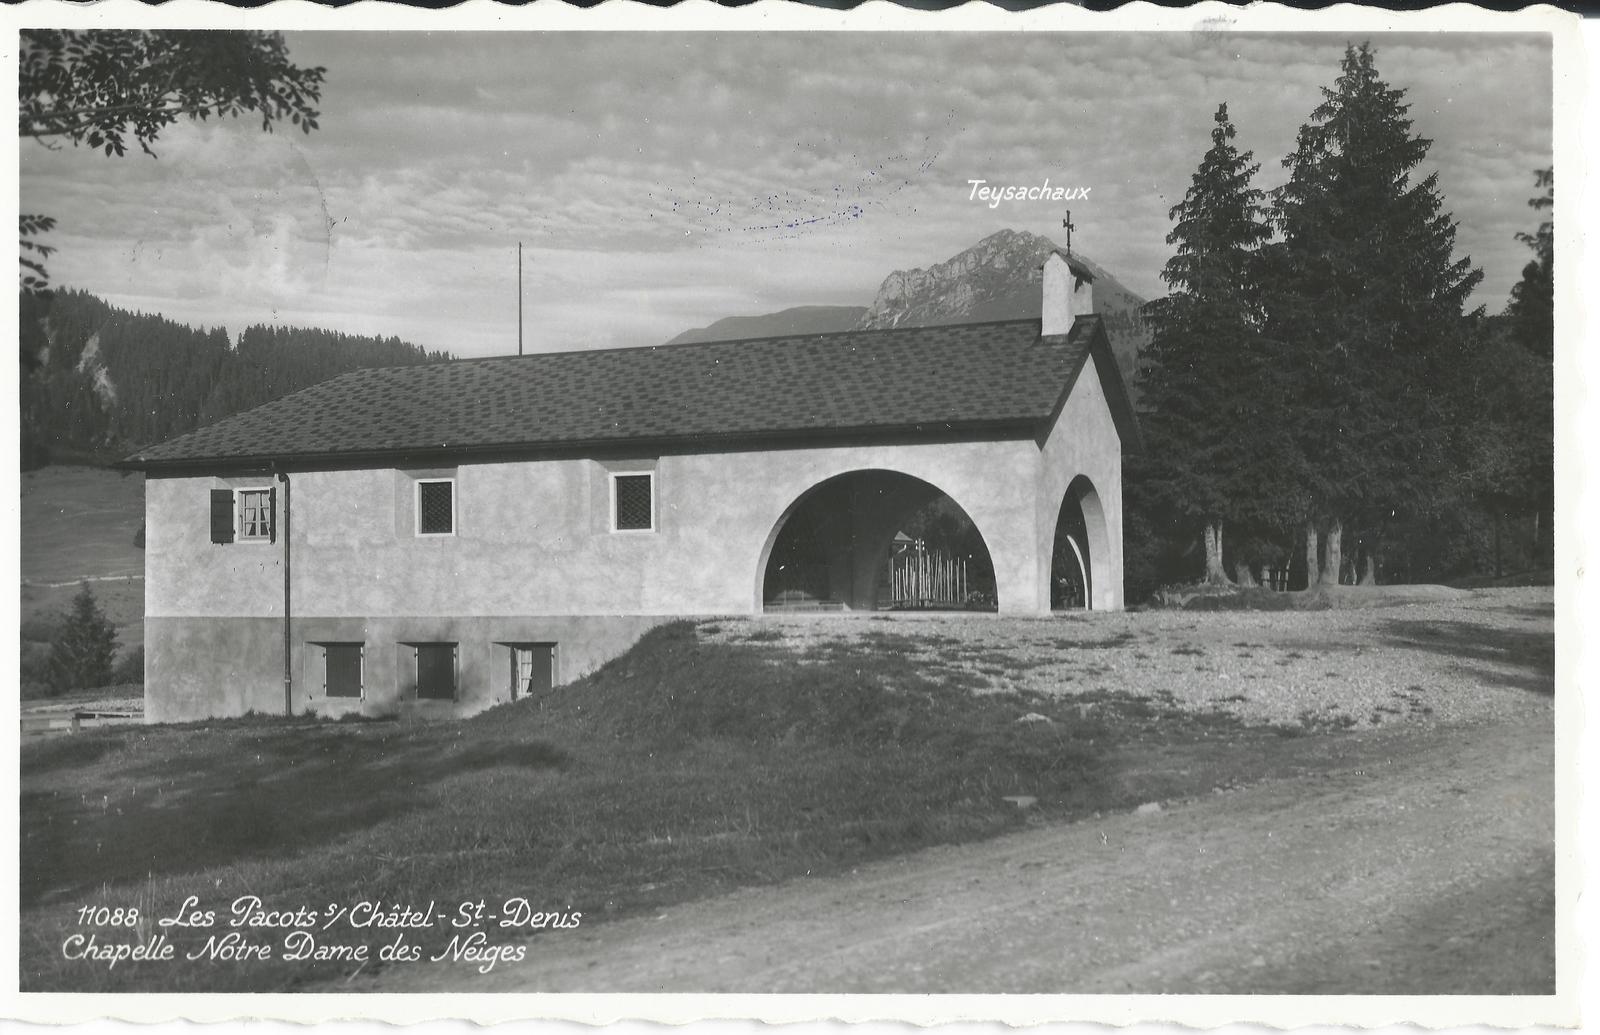 Châtel-Saint-Denis -  Carte postale datée du 16 août 1940 et expédiée depuis Les Paccots.